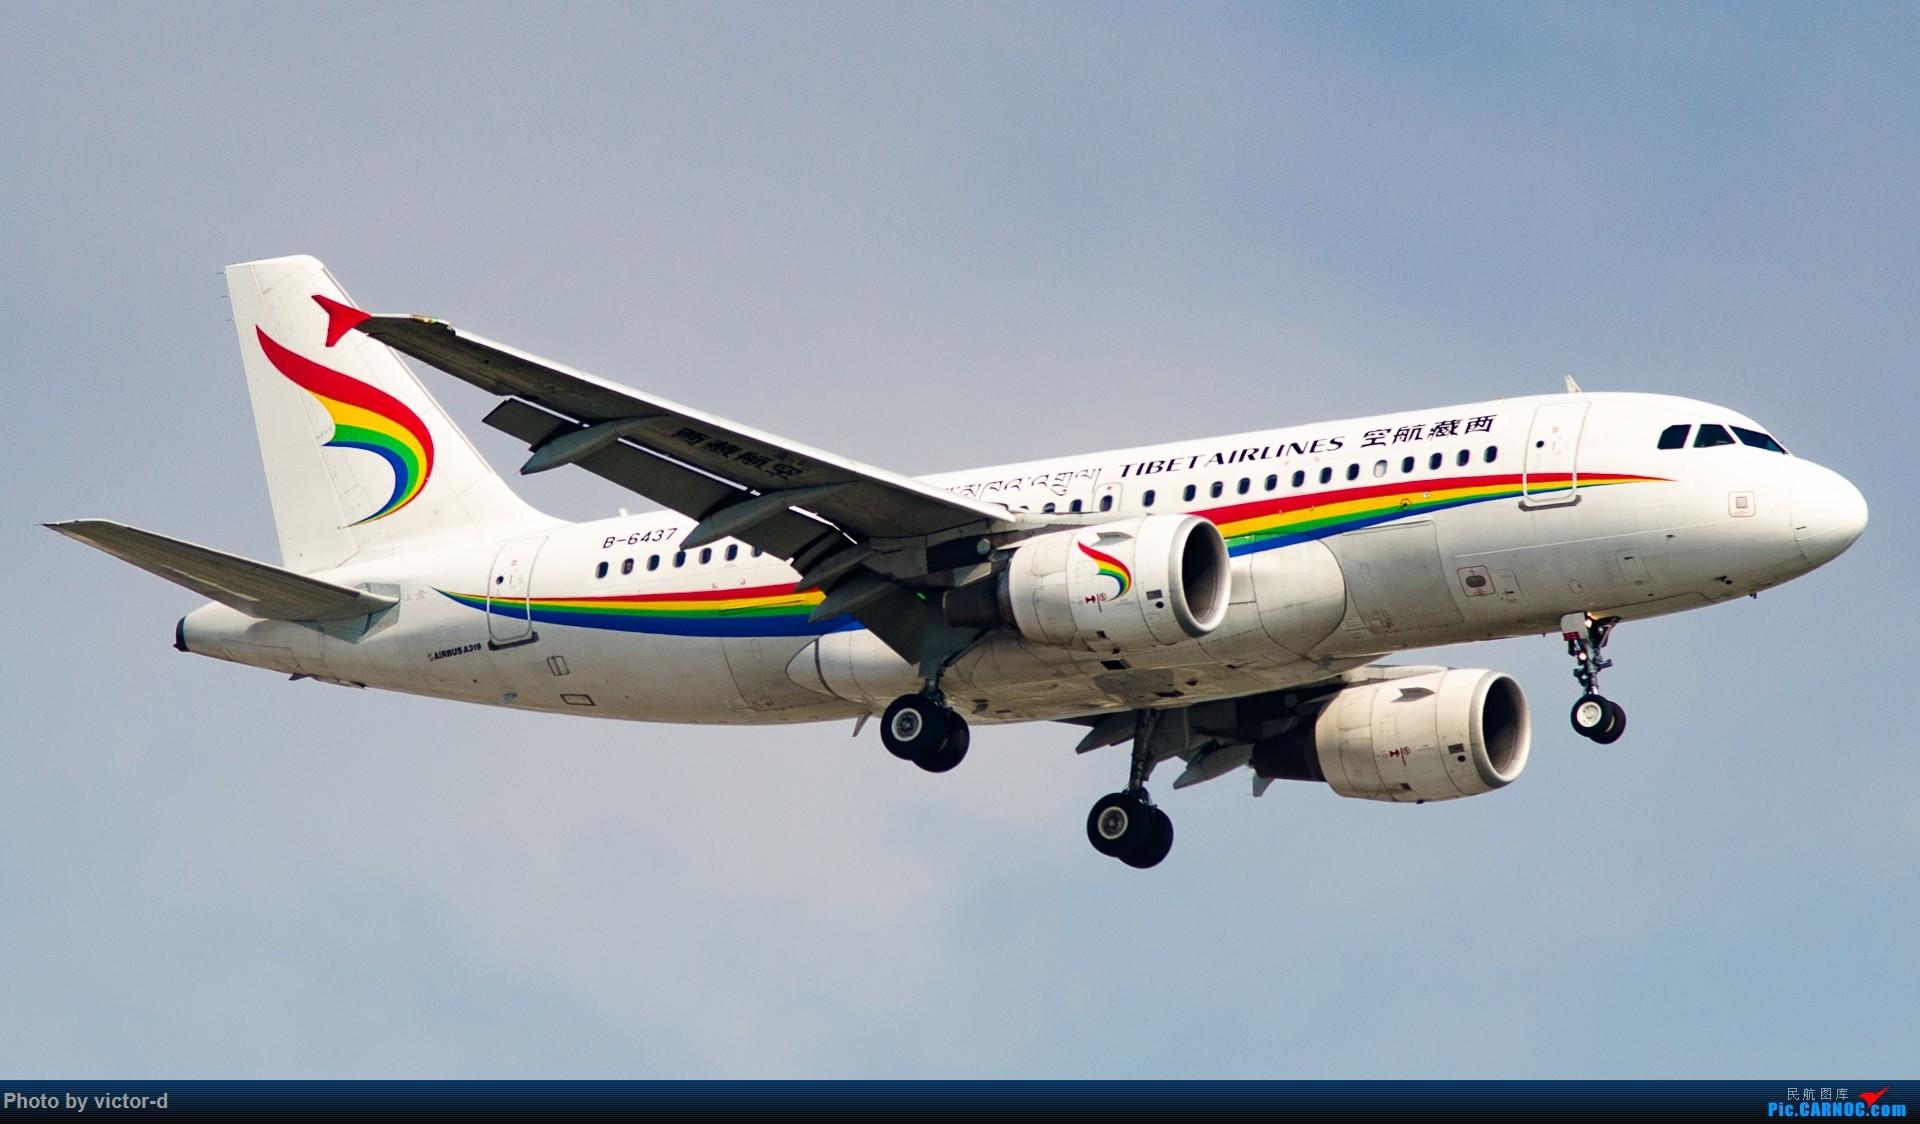 Re:[原创]【上海】拍机记录帖-记录这些年拍到的飞机 AIRBUS A319-100 B-6437 中国上海虹桥国际机场